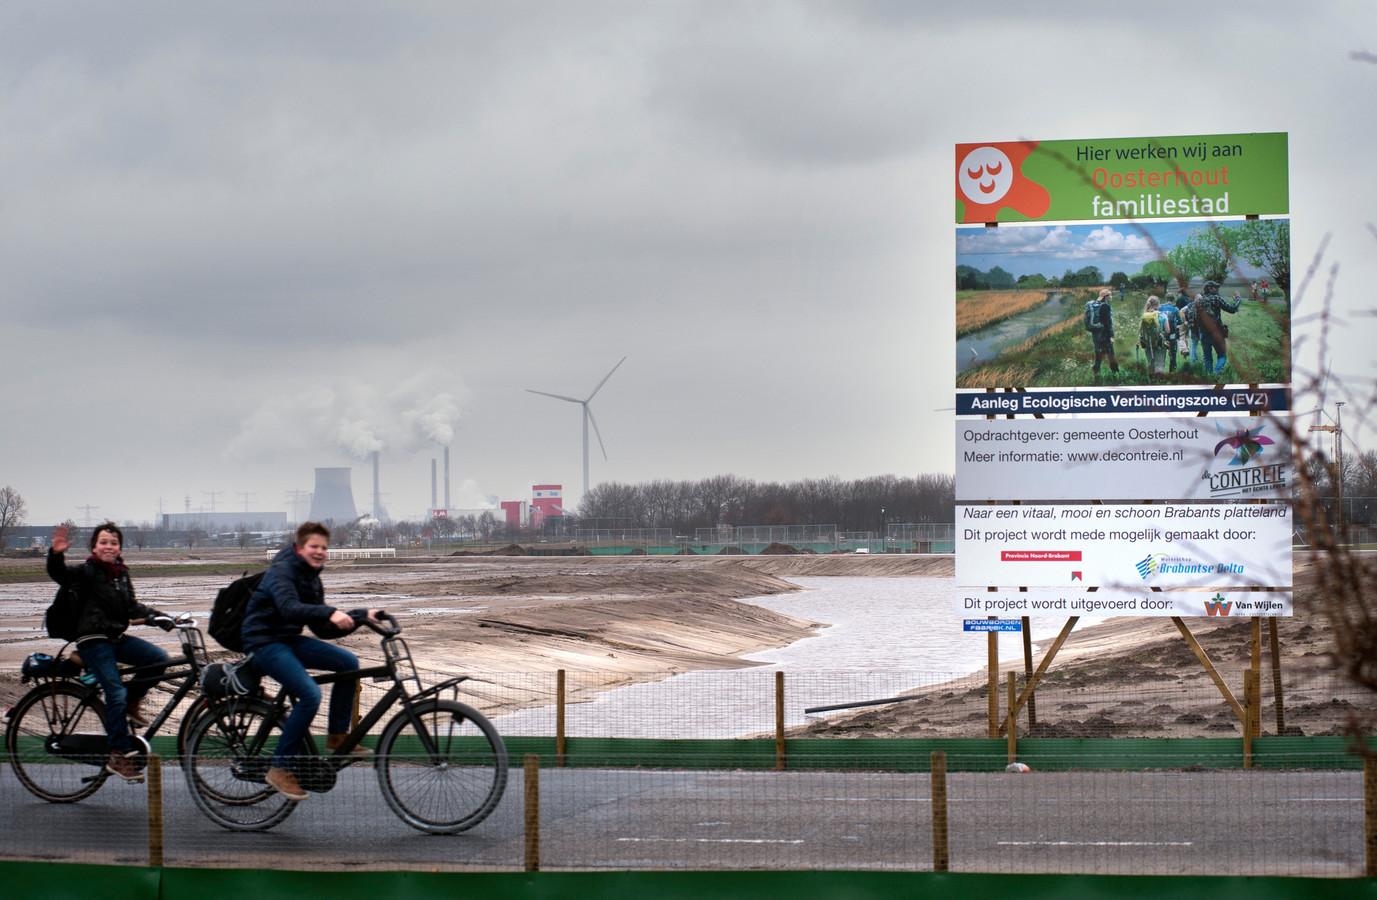 Het westelijke deel van de ecozone gezien vanaf de Vrachelsestraat. De foto dateert van 2014 toen dit deel van de groene zone werd aangelegd. Op de achtergrond de koeltoren van Geertruidenberg.